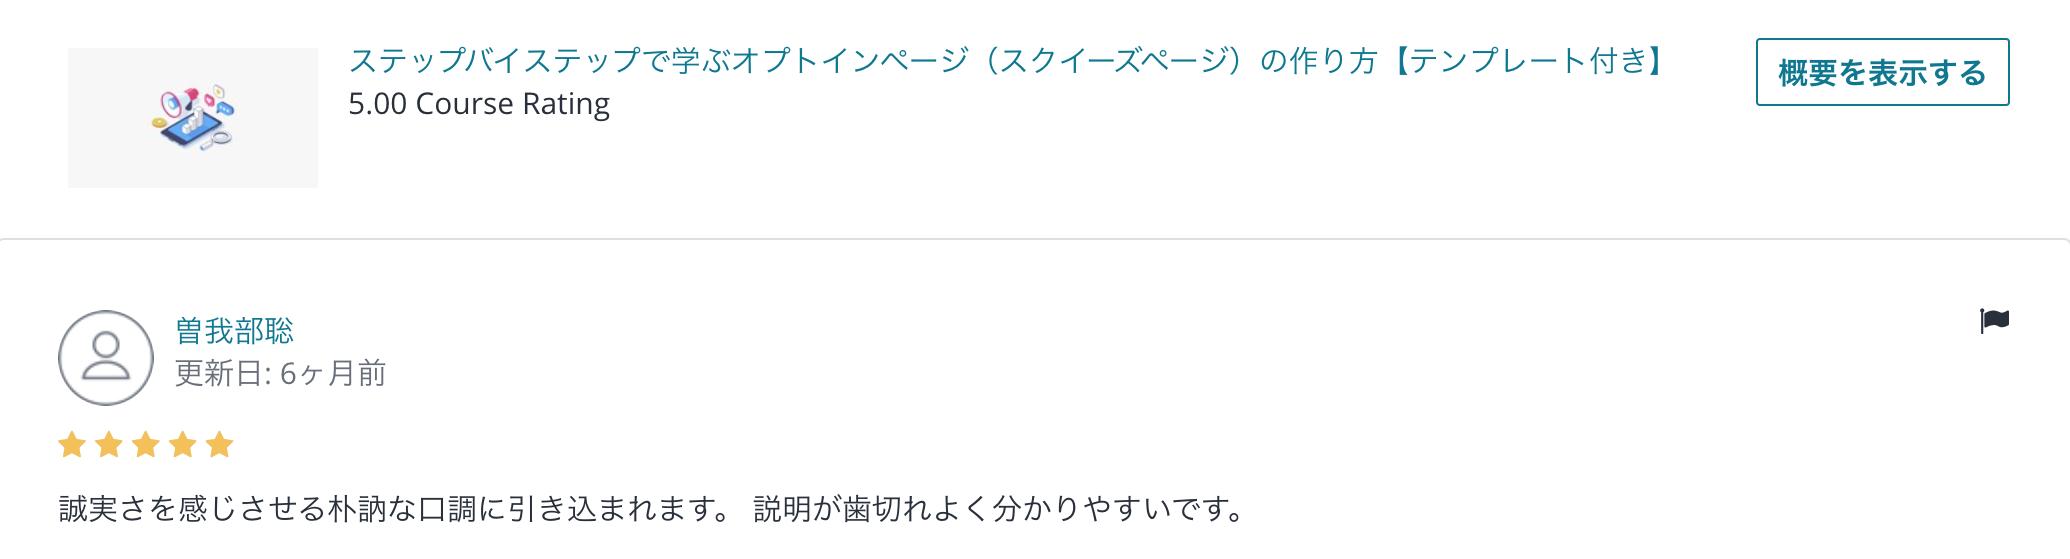 スクリーンショット 2020 02 07 16.54.46